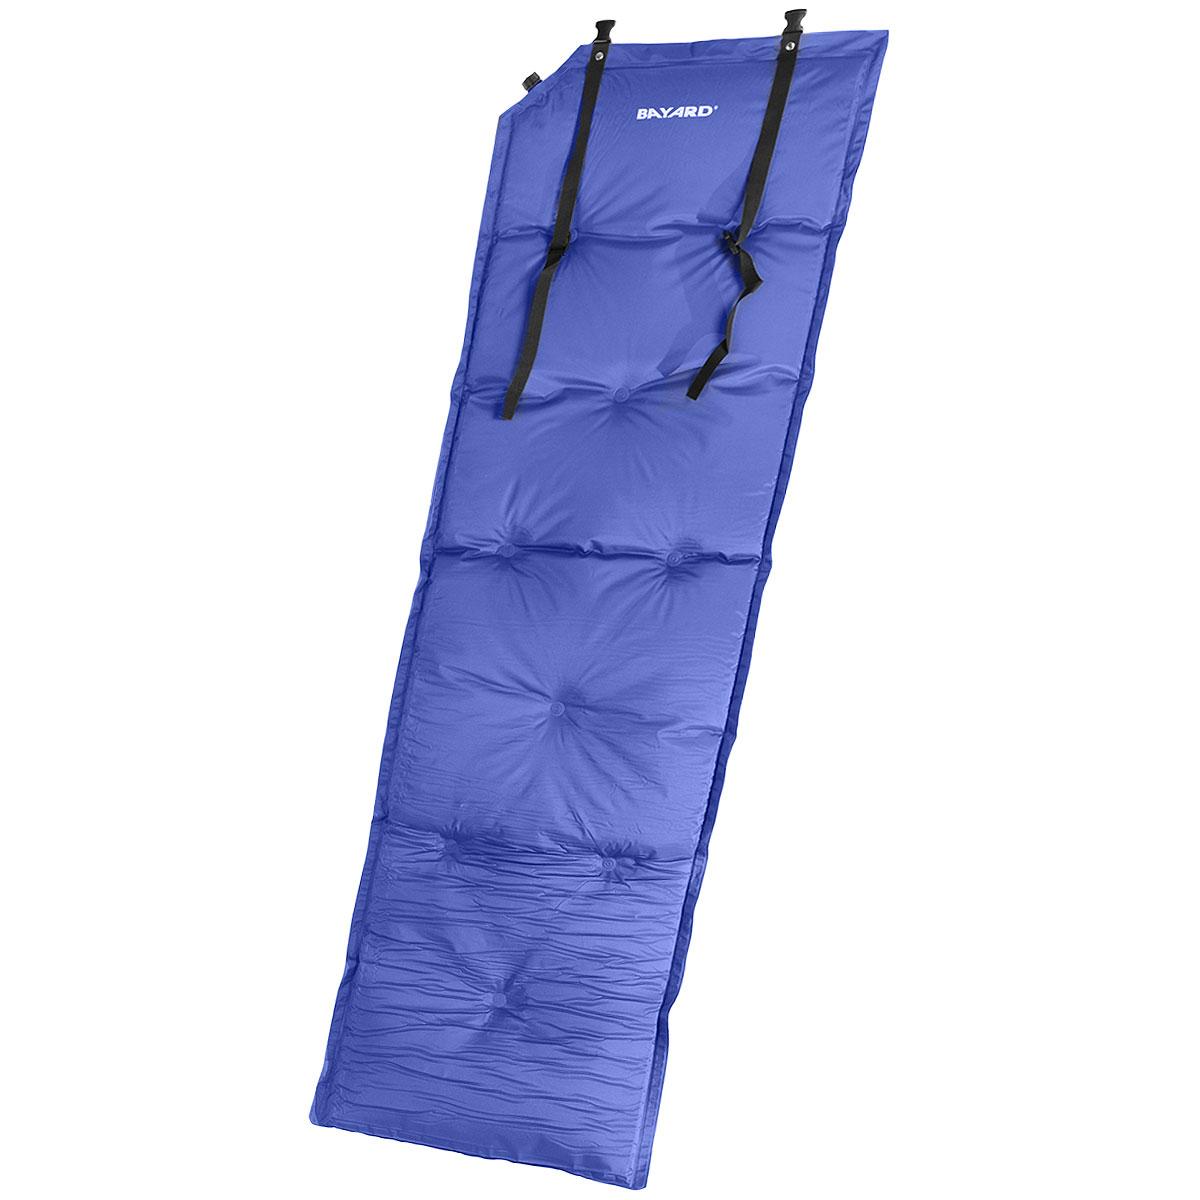 Коврик самонадувающийся Bayard Magic Air 25, цвет: синий, 188 см х 55 см х 2,5 см015321Самонадувающийся туристический коврик Bayard Magic Air 25 предназначен для теплоизоляции, например, между почвой и телом лежащего человека, а также для предохранения спального мешка от повреждений и влаги. Надувная подушка увеличит комфорт при длительном отдыхе. Очень простой в использовании, легко и быстро надувается, компактный и легкий. Имеется специально разработанный мощный клапан с высокой пропускной способностью, что позволяет коврику быстро наполняться воздухом или сдуваться. Для того, чтобы надуть коврик, просто откройте клапан, через пару минут коврик расправится и закройте клапан. Коврик готов к использованию! Он не даст вам замерзнуть и сделает отдых более комфортным даже на корнях или на камнях. Изделие отличается прочностью и износостойкостью. В комплекте есть мешок-чехол для переноски и хранения.